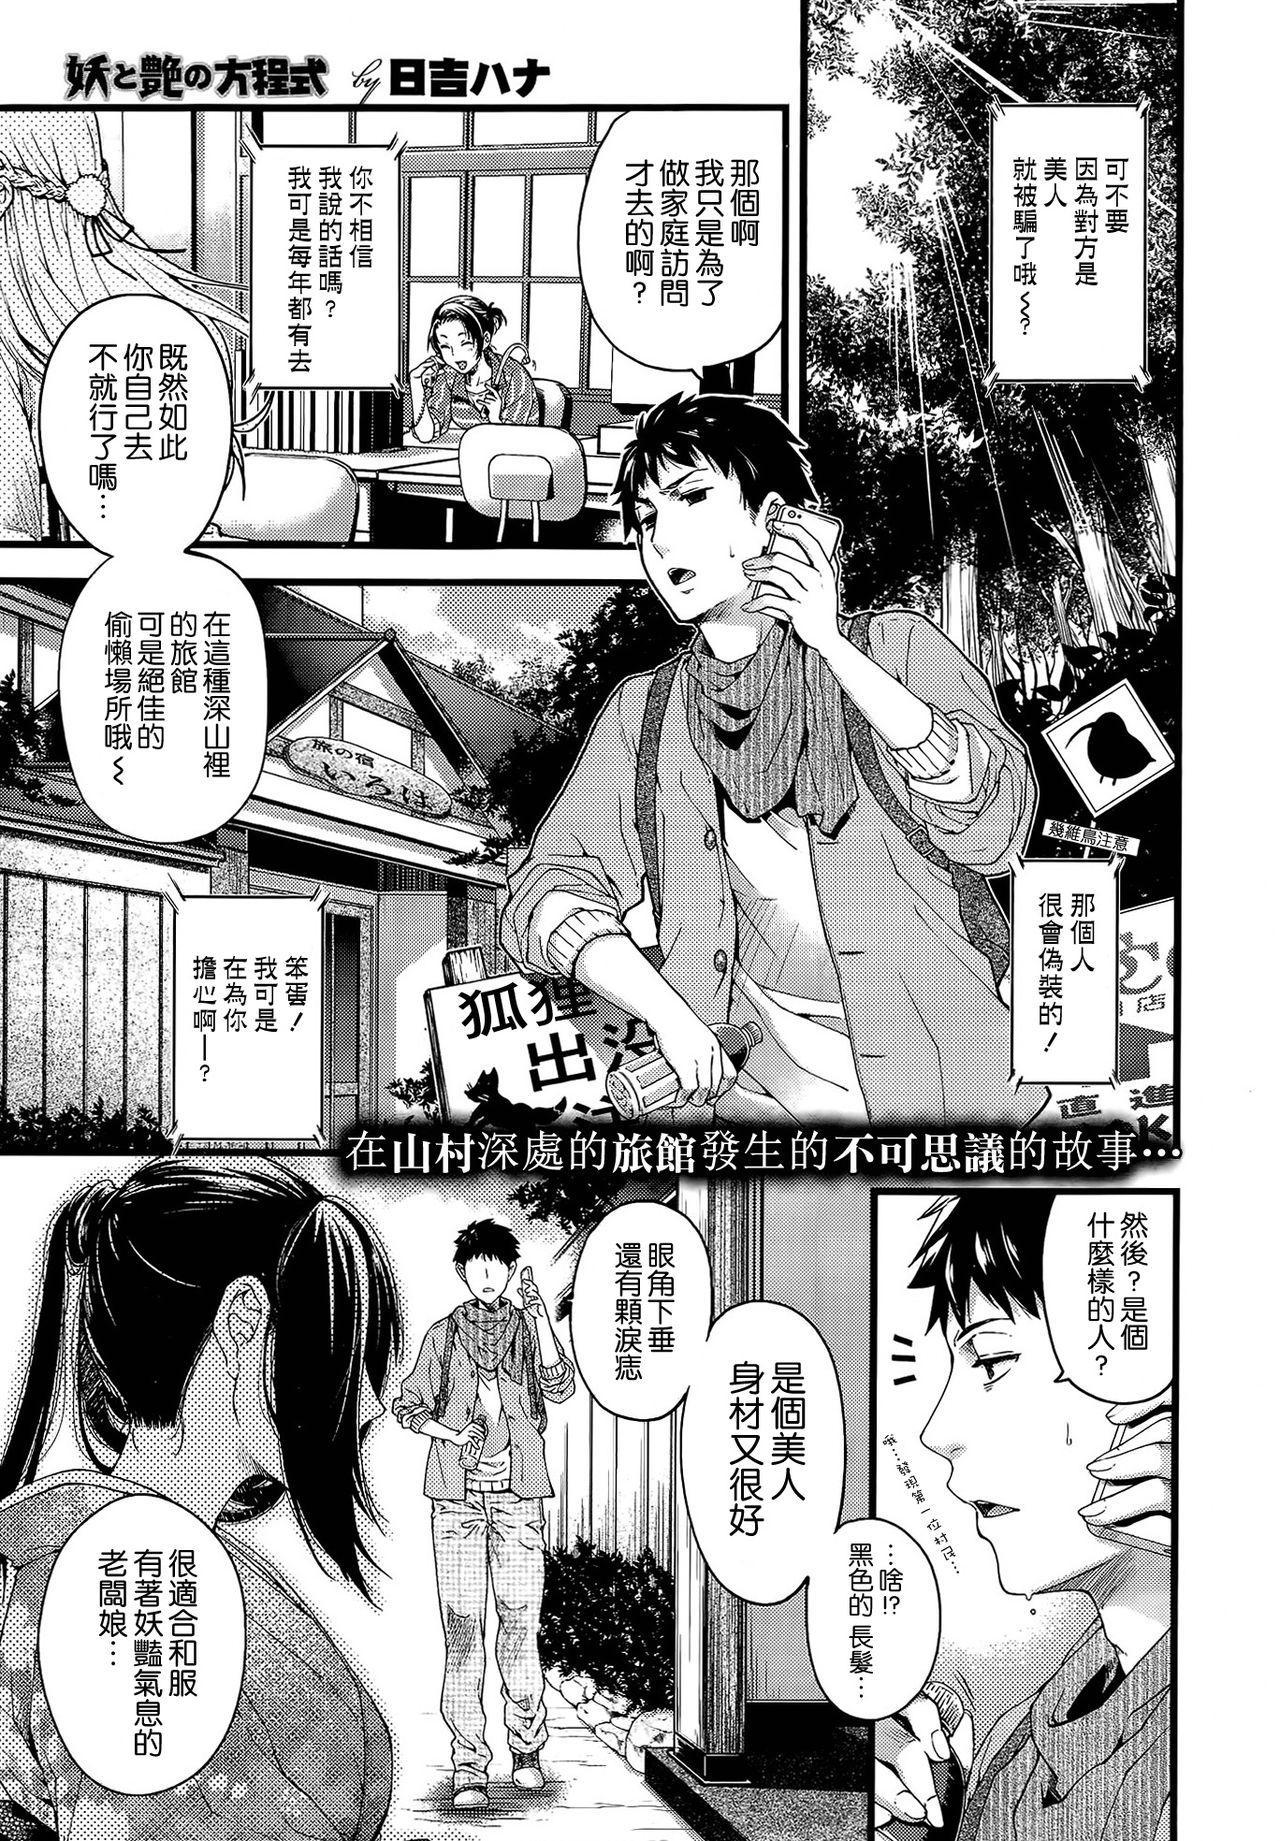 Youma to Tsuya no Houteishiki 0